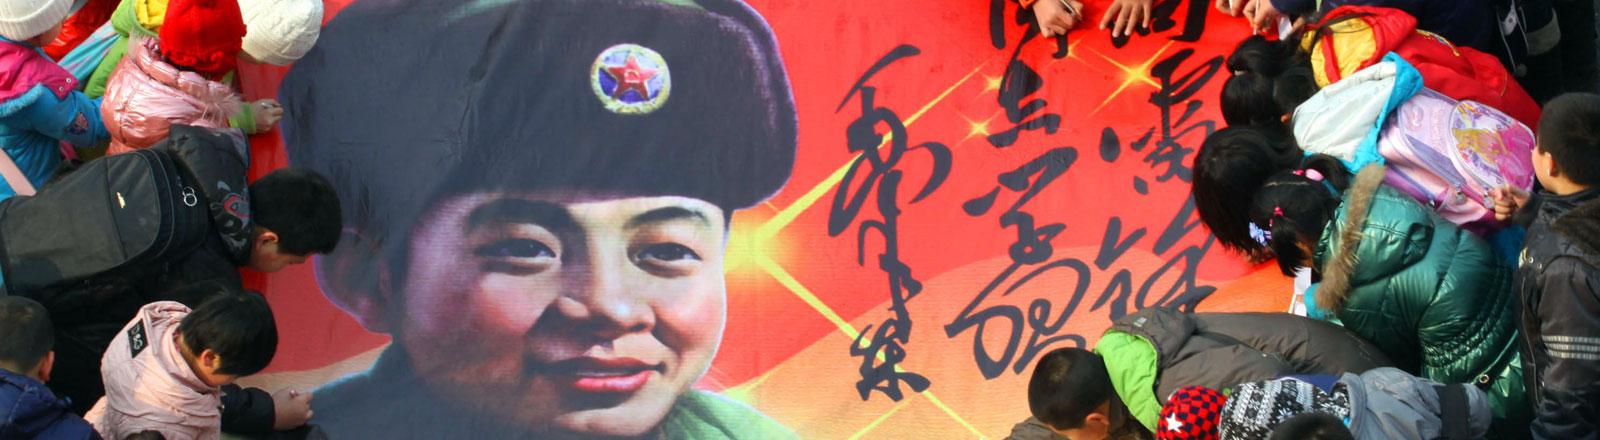 Lei Feng - von der Kommunistischen Partei Chinas zum Helden erhoben.